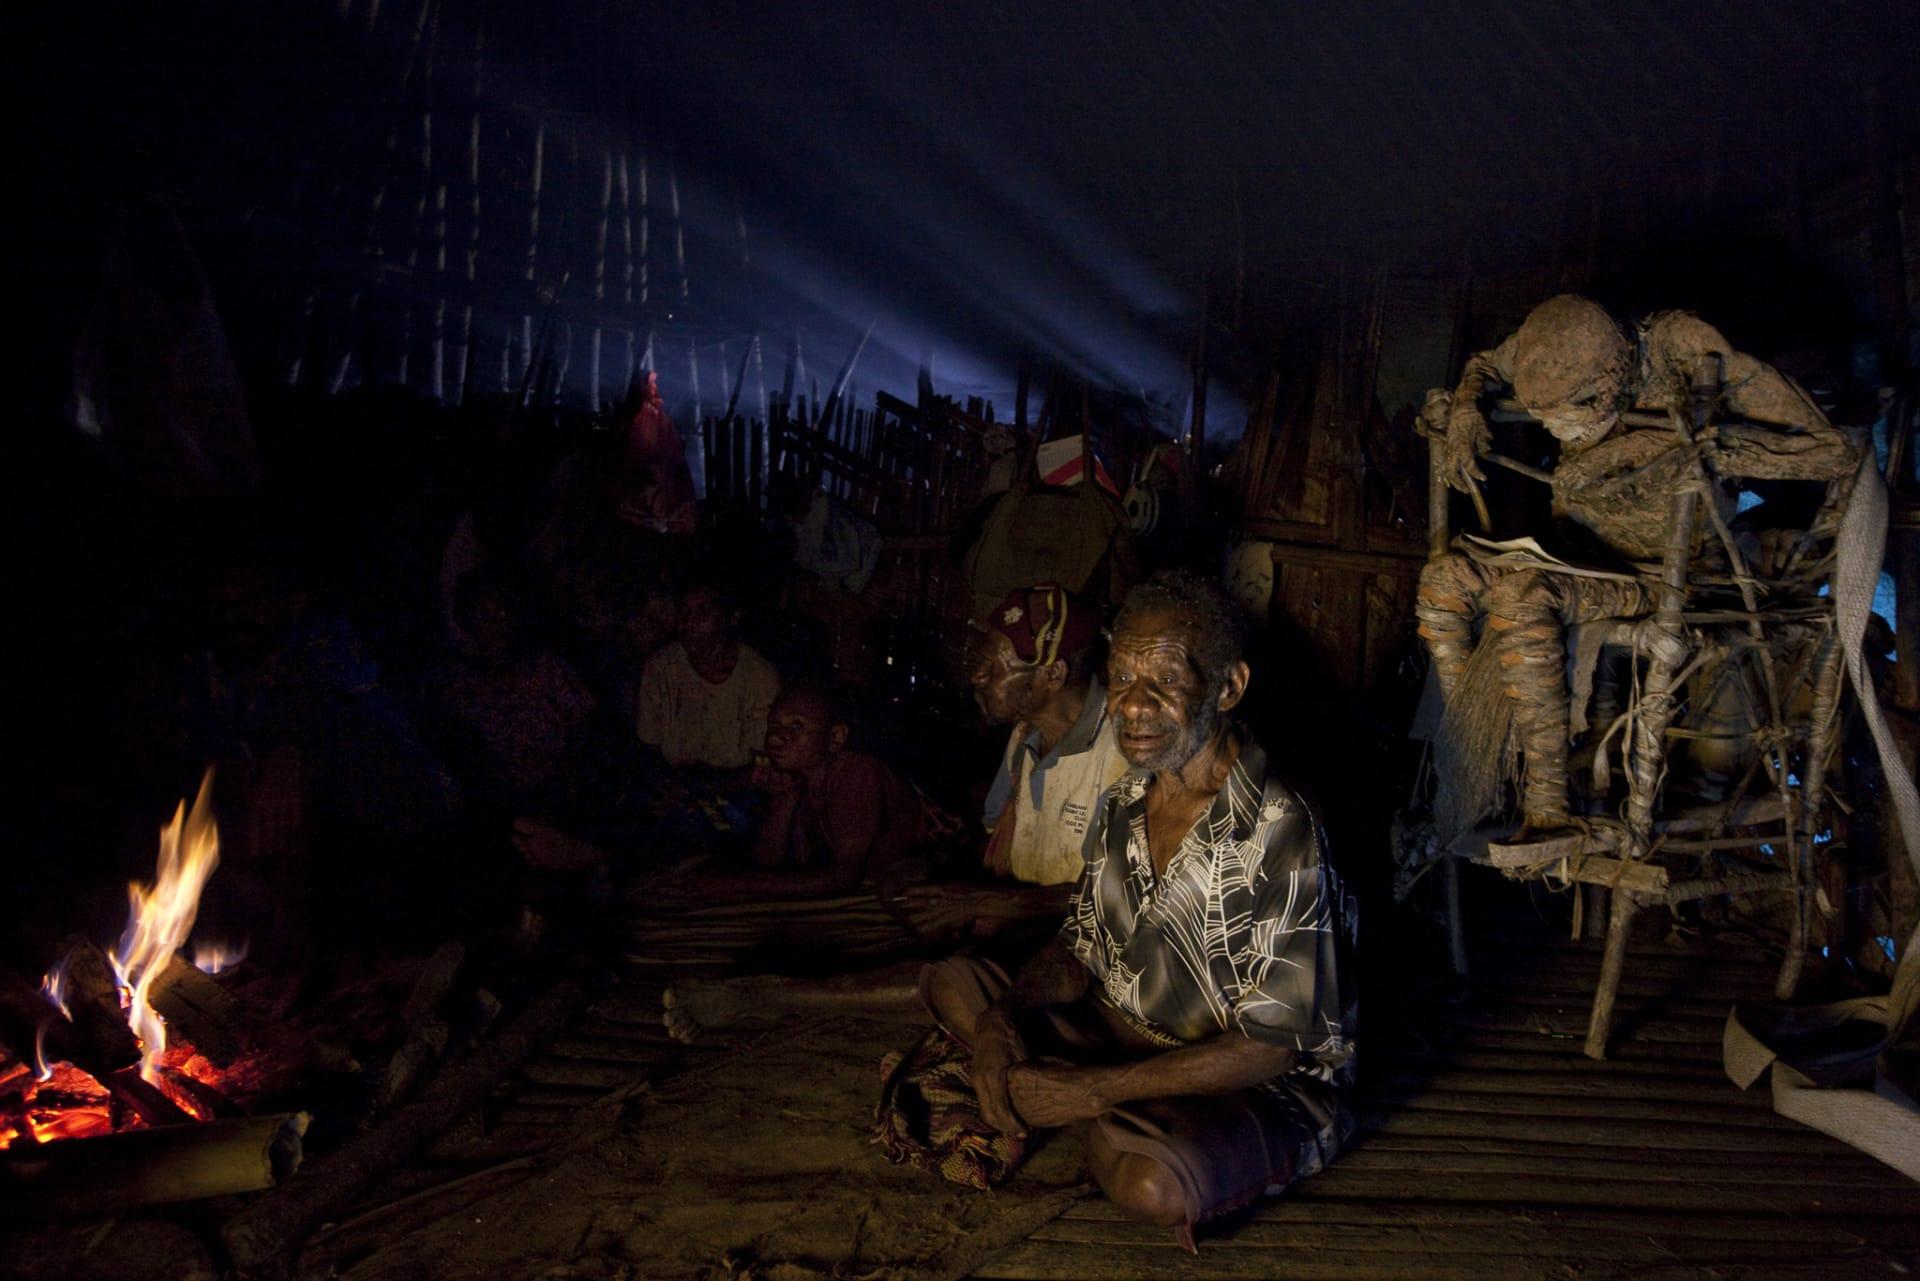 جثث تحرس القرية وعدسة كاميرا تلتقط عملية تحنيط في القرن الـ21